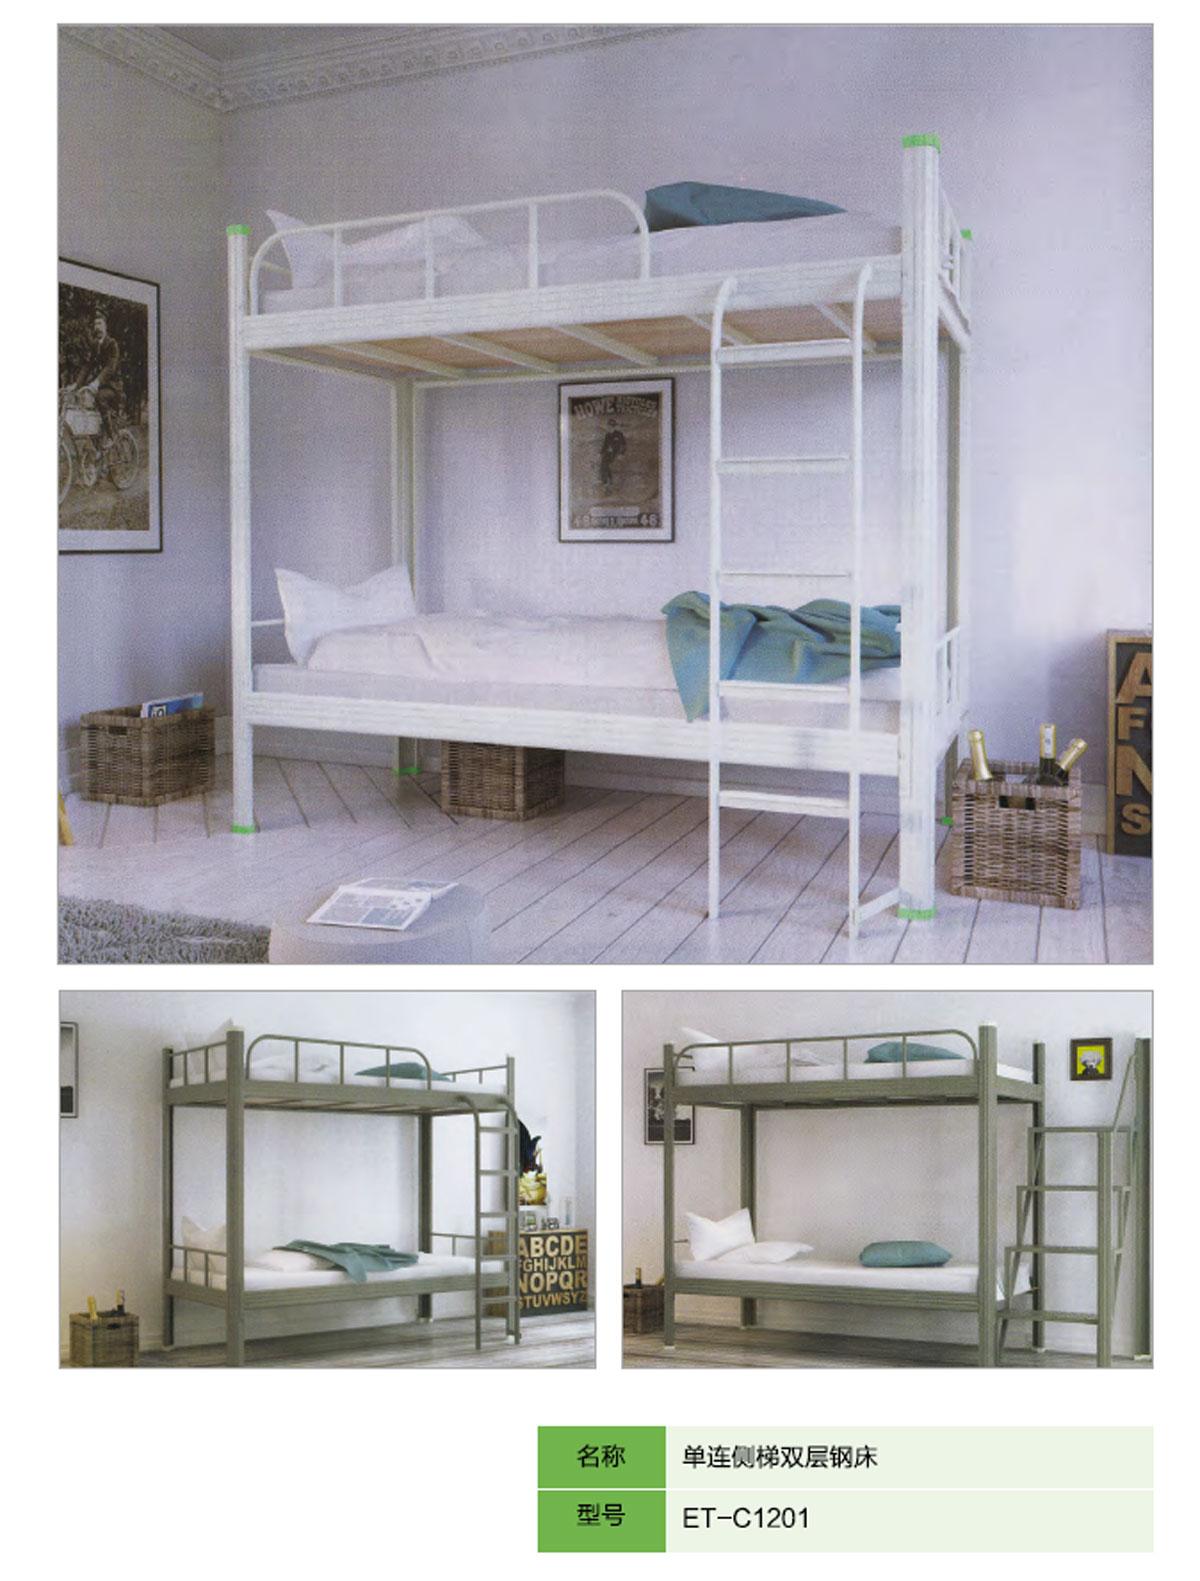 單連側梯雙層鋼床ET-C1201.jpg